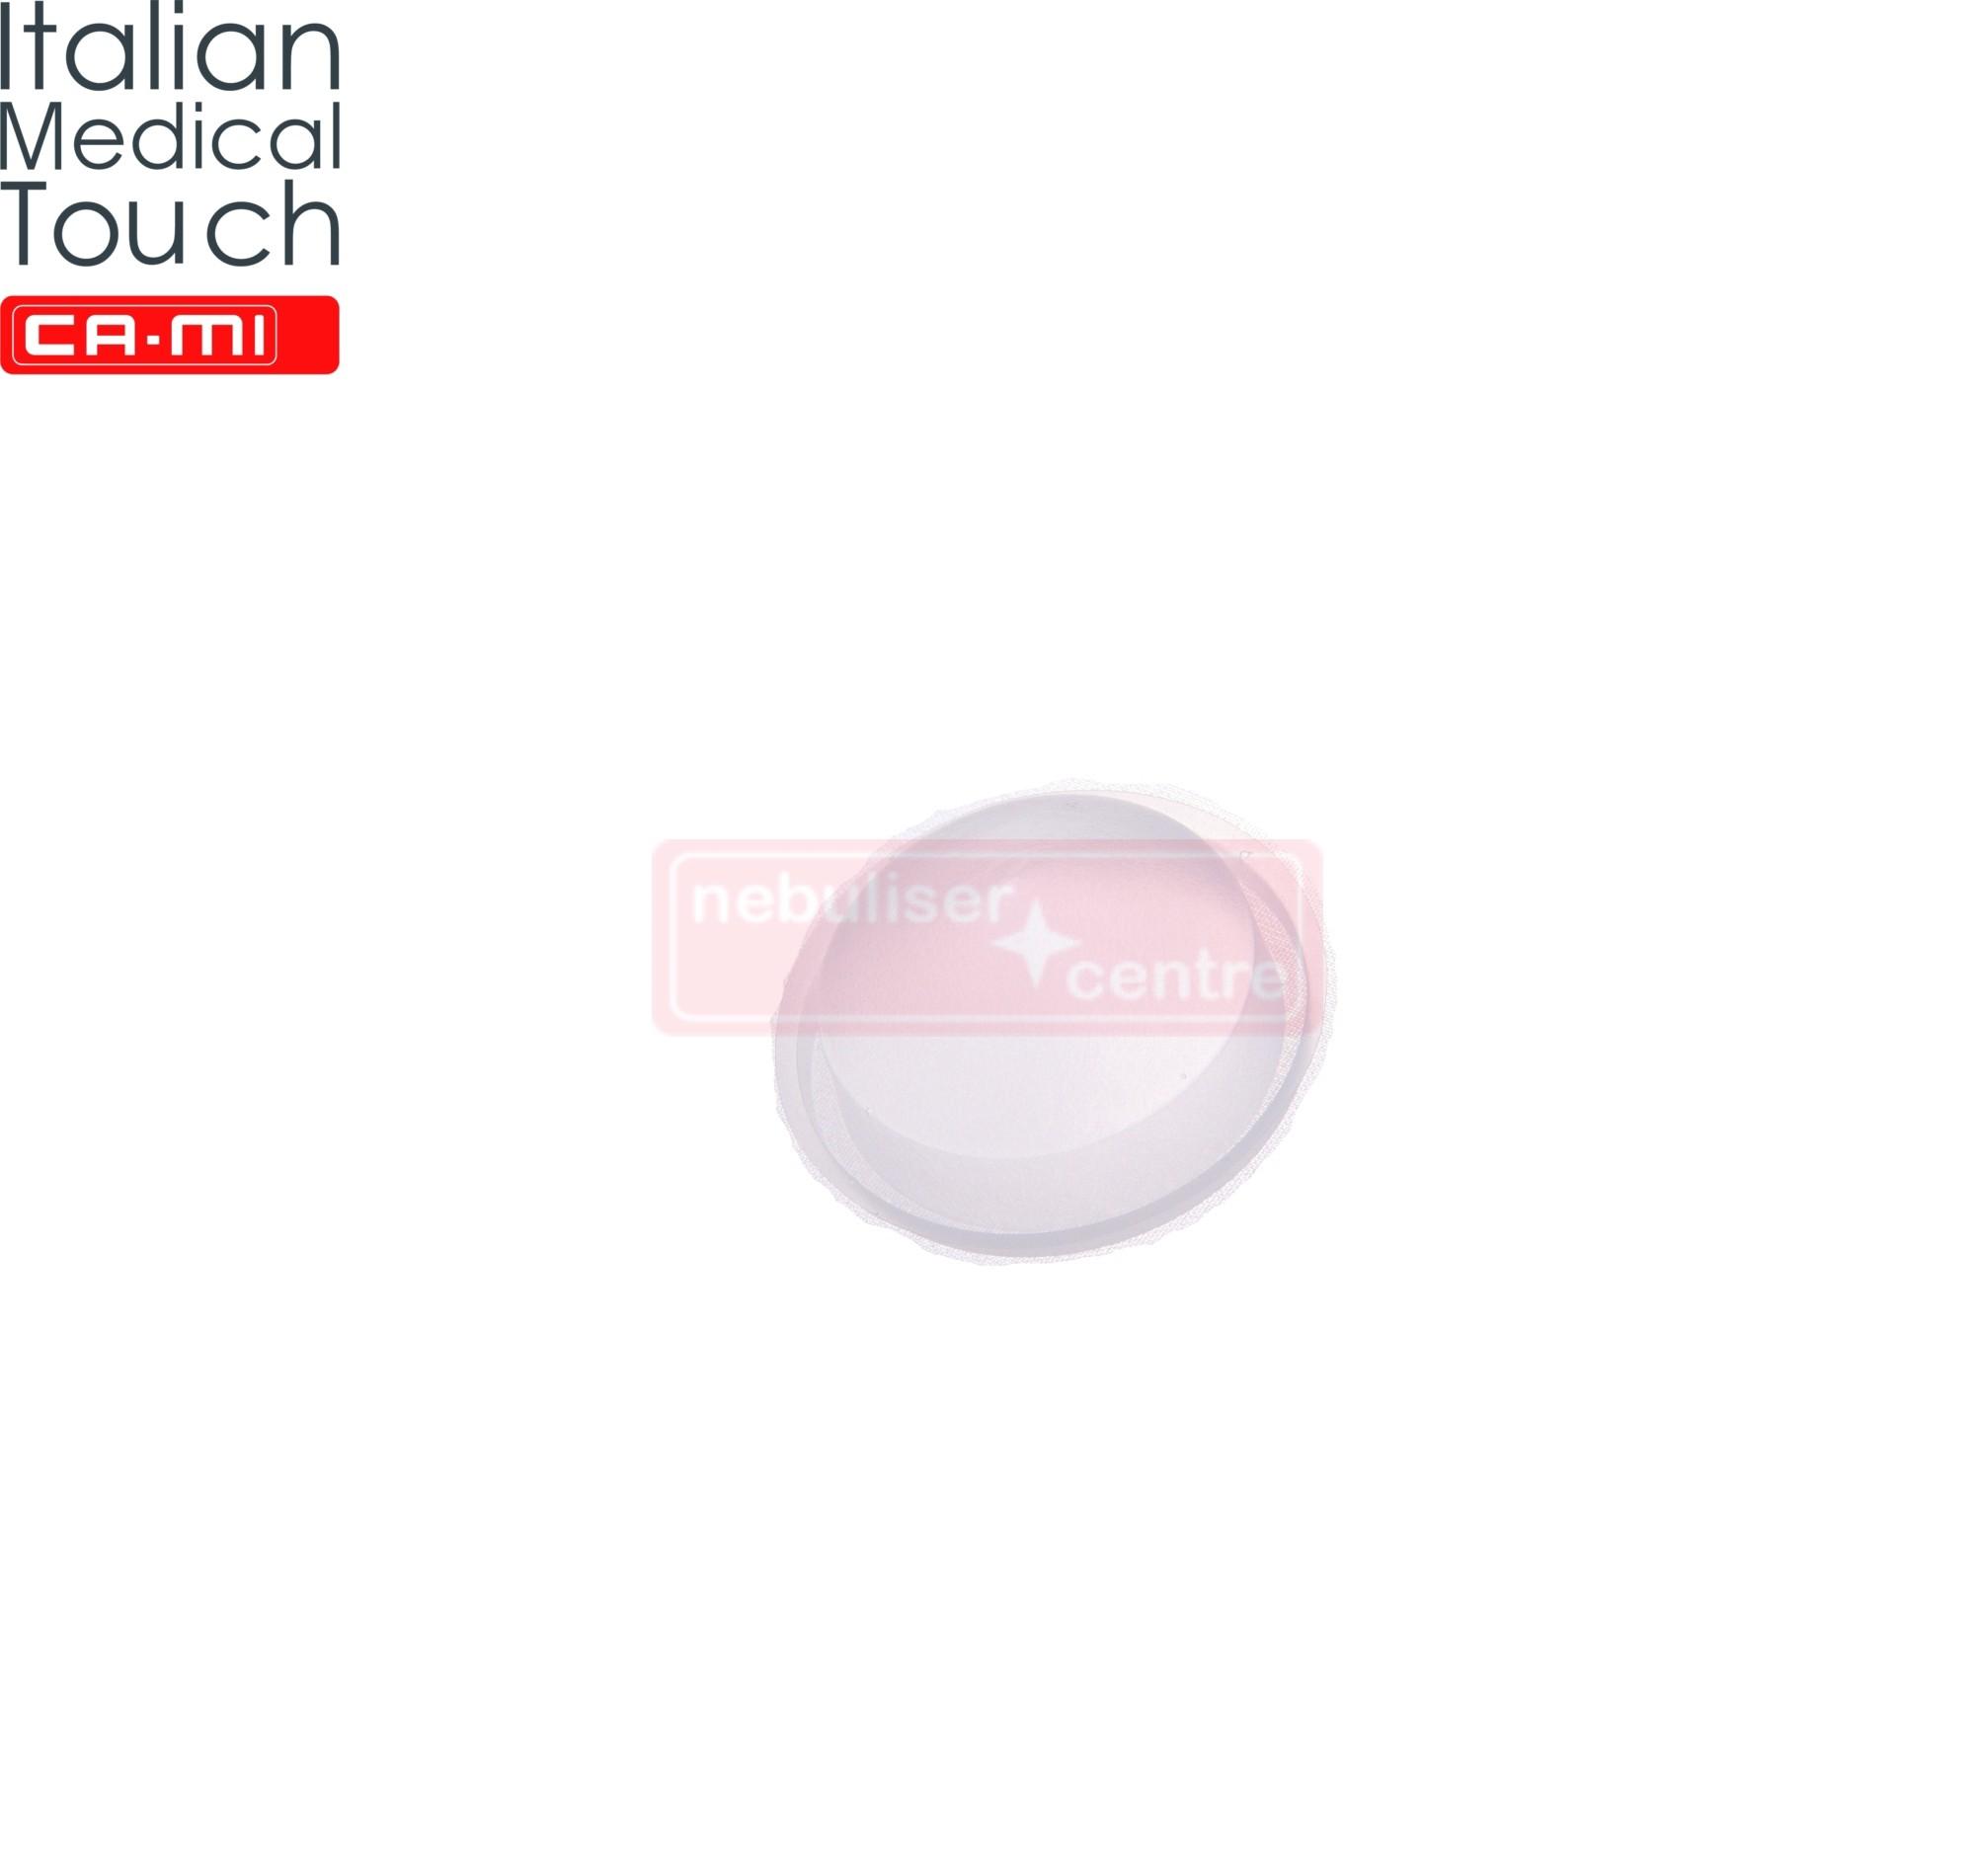 Nebulizer Medication Cup for CA-MI Baby nebulizer (10pcs)